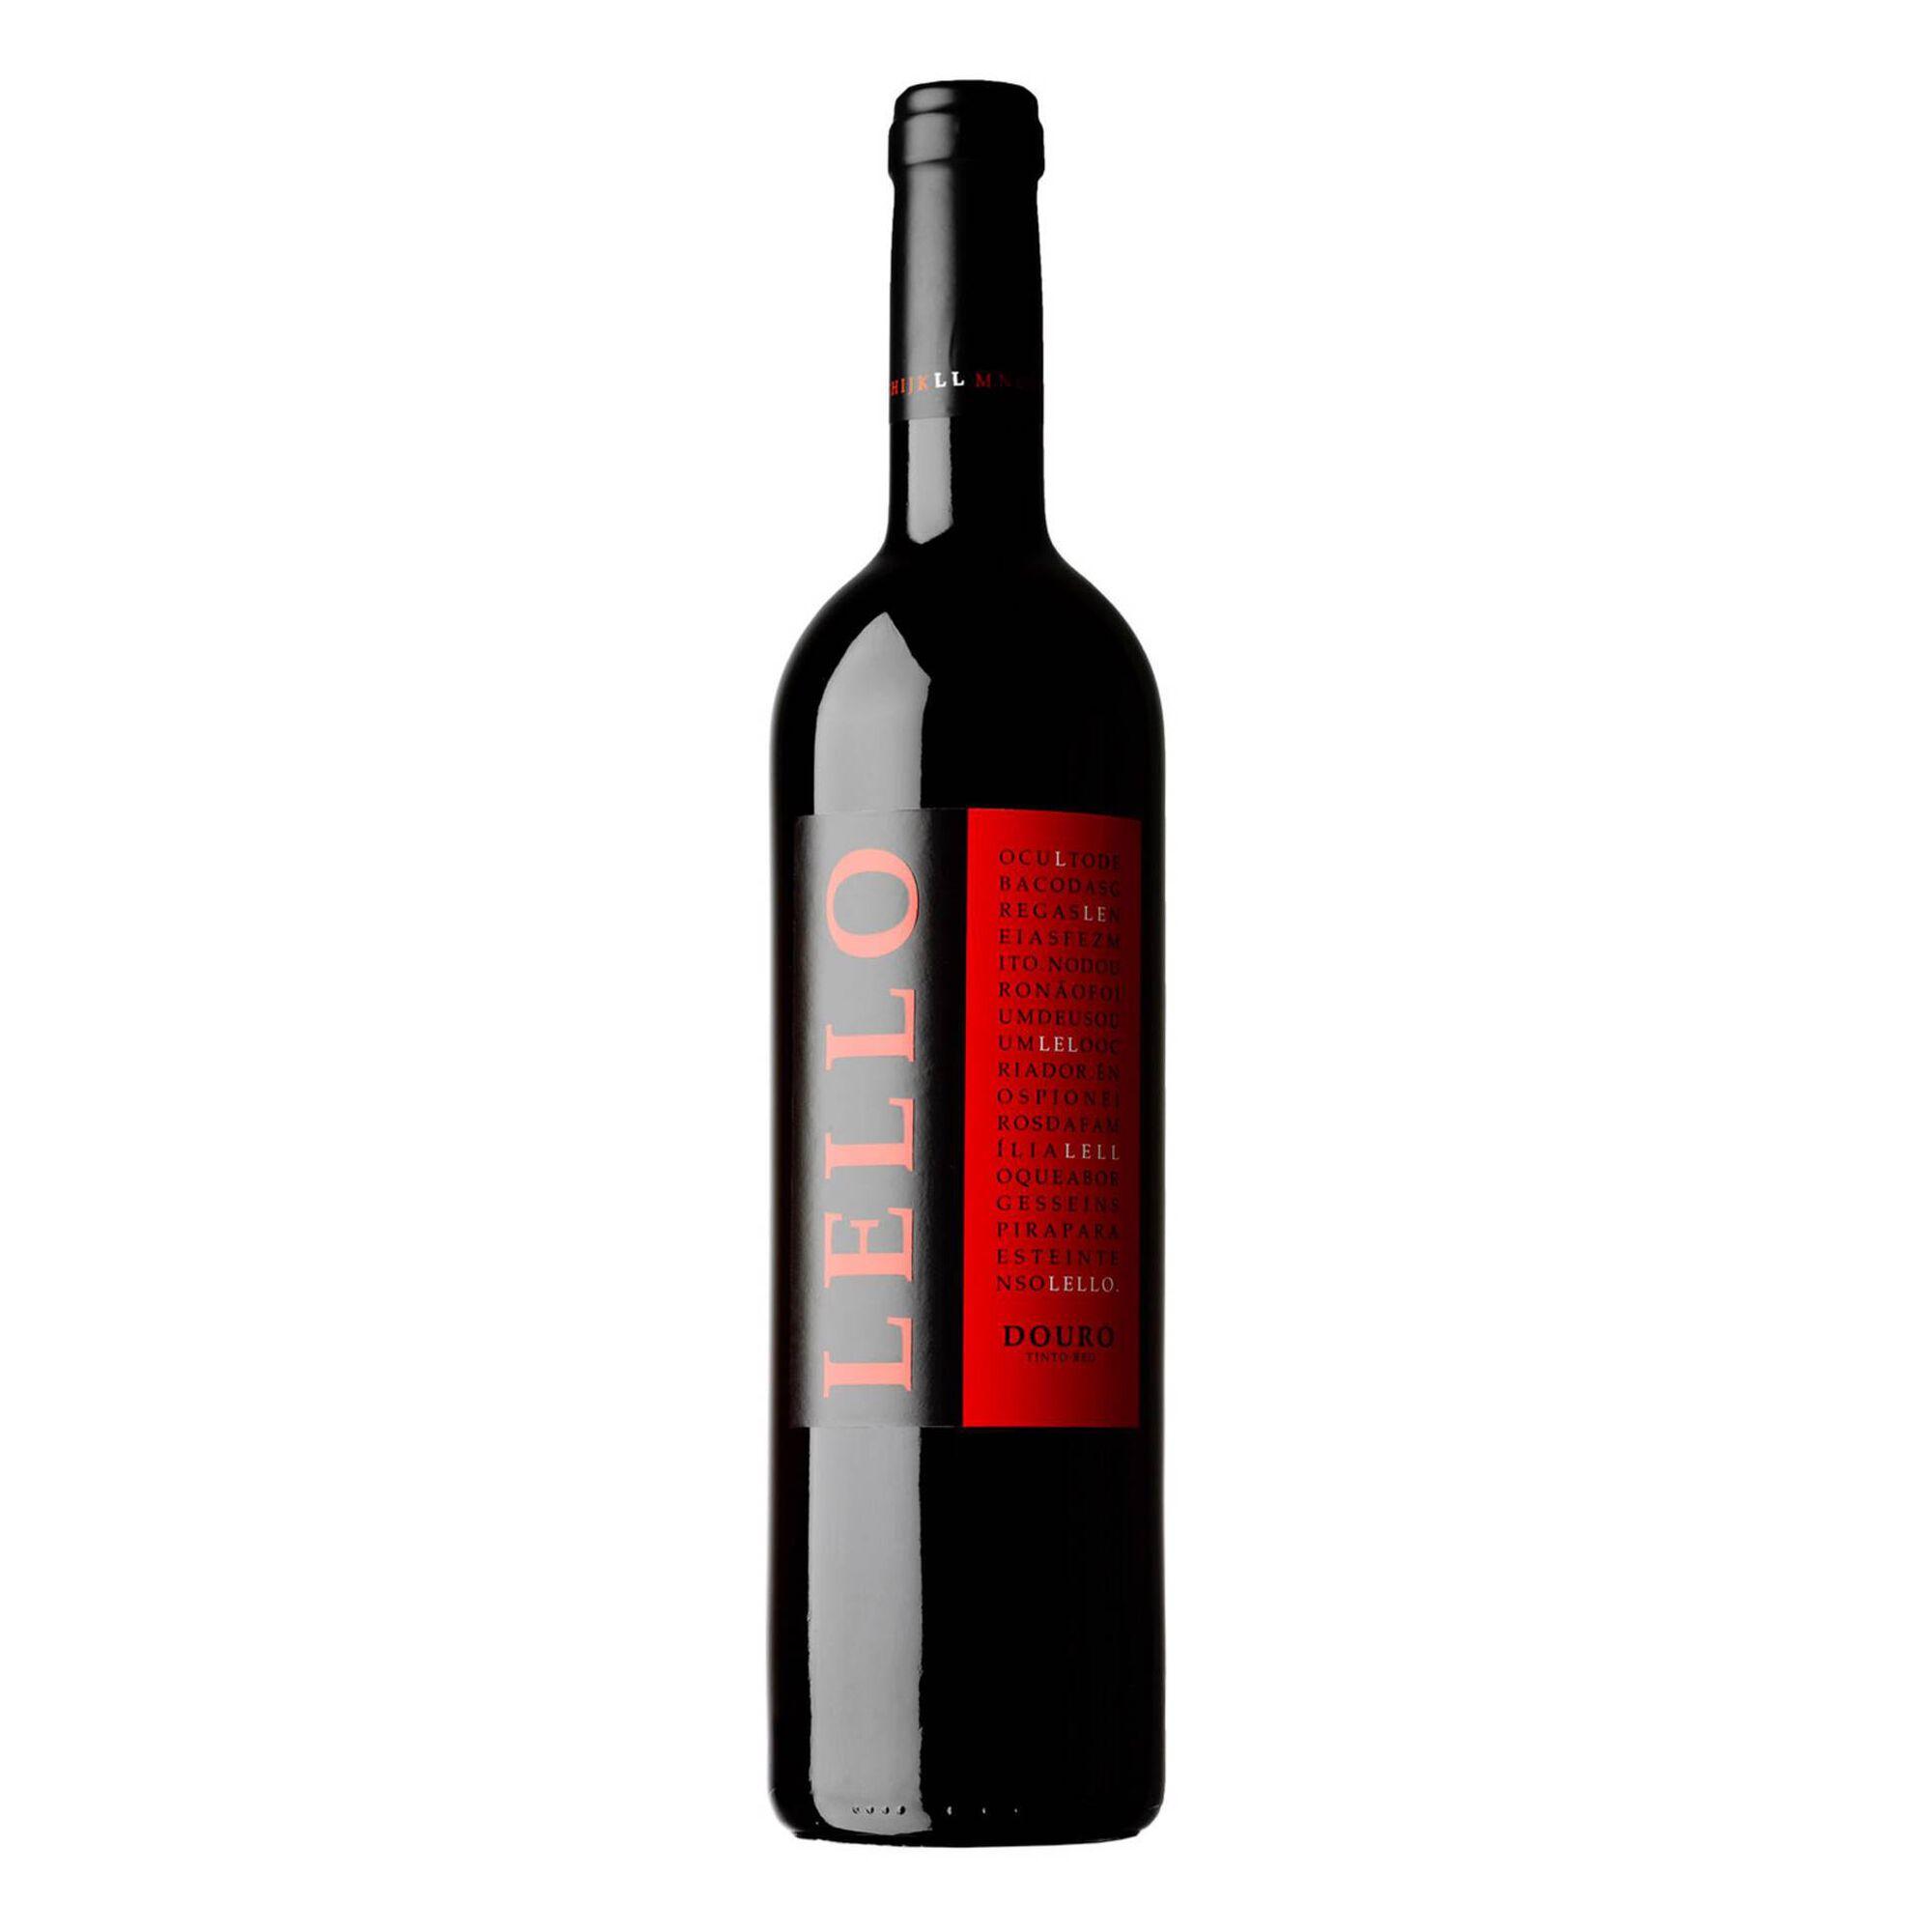 Lello DOC Douro Vinho Tinto